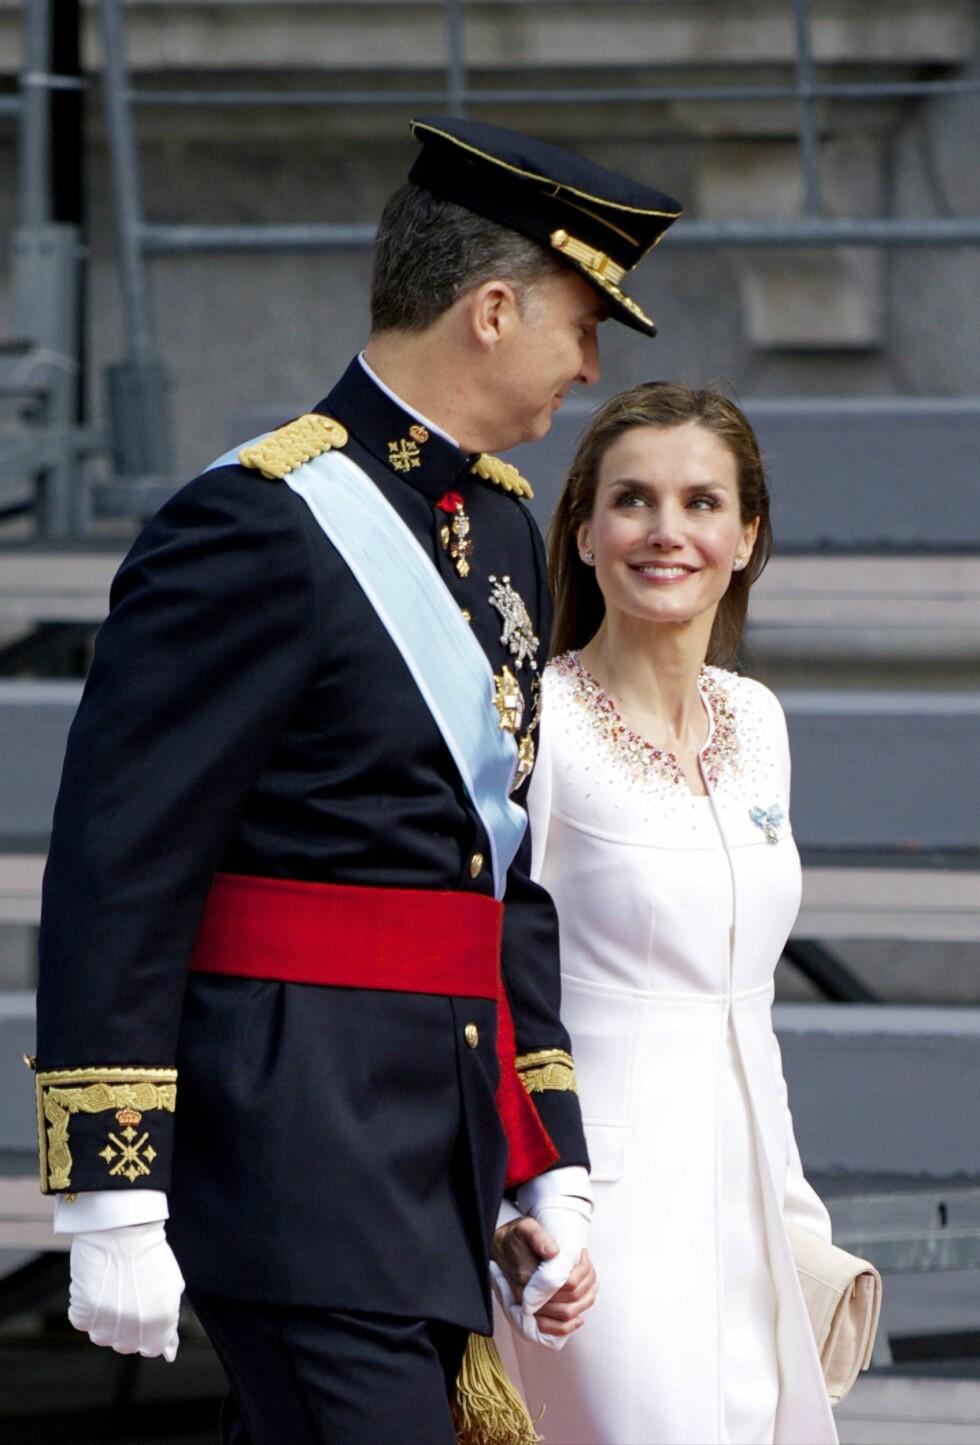 ENDELIG: Kjærligheten stråler i øynene til det nye kongeparet. Foto: All Over